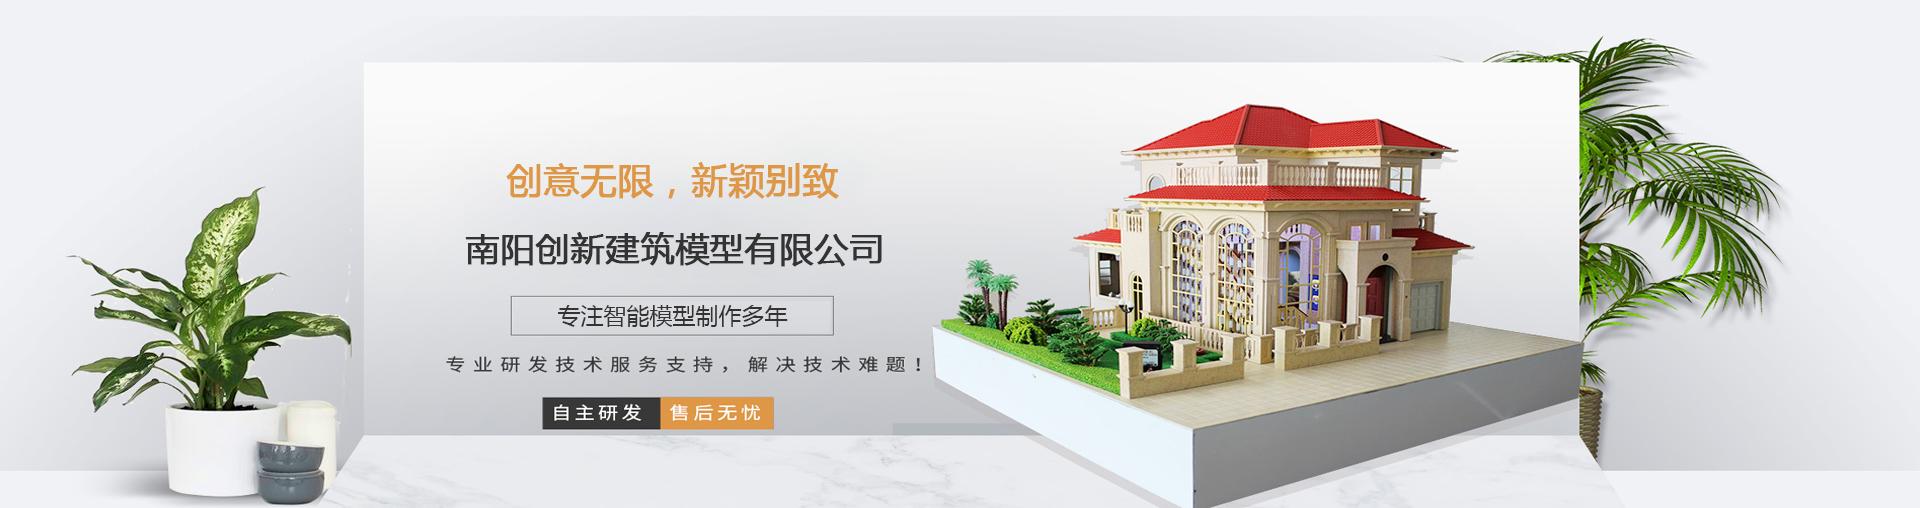 南阳建筑模型制作